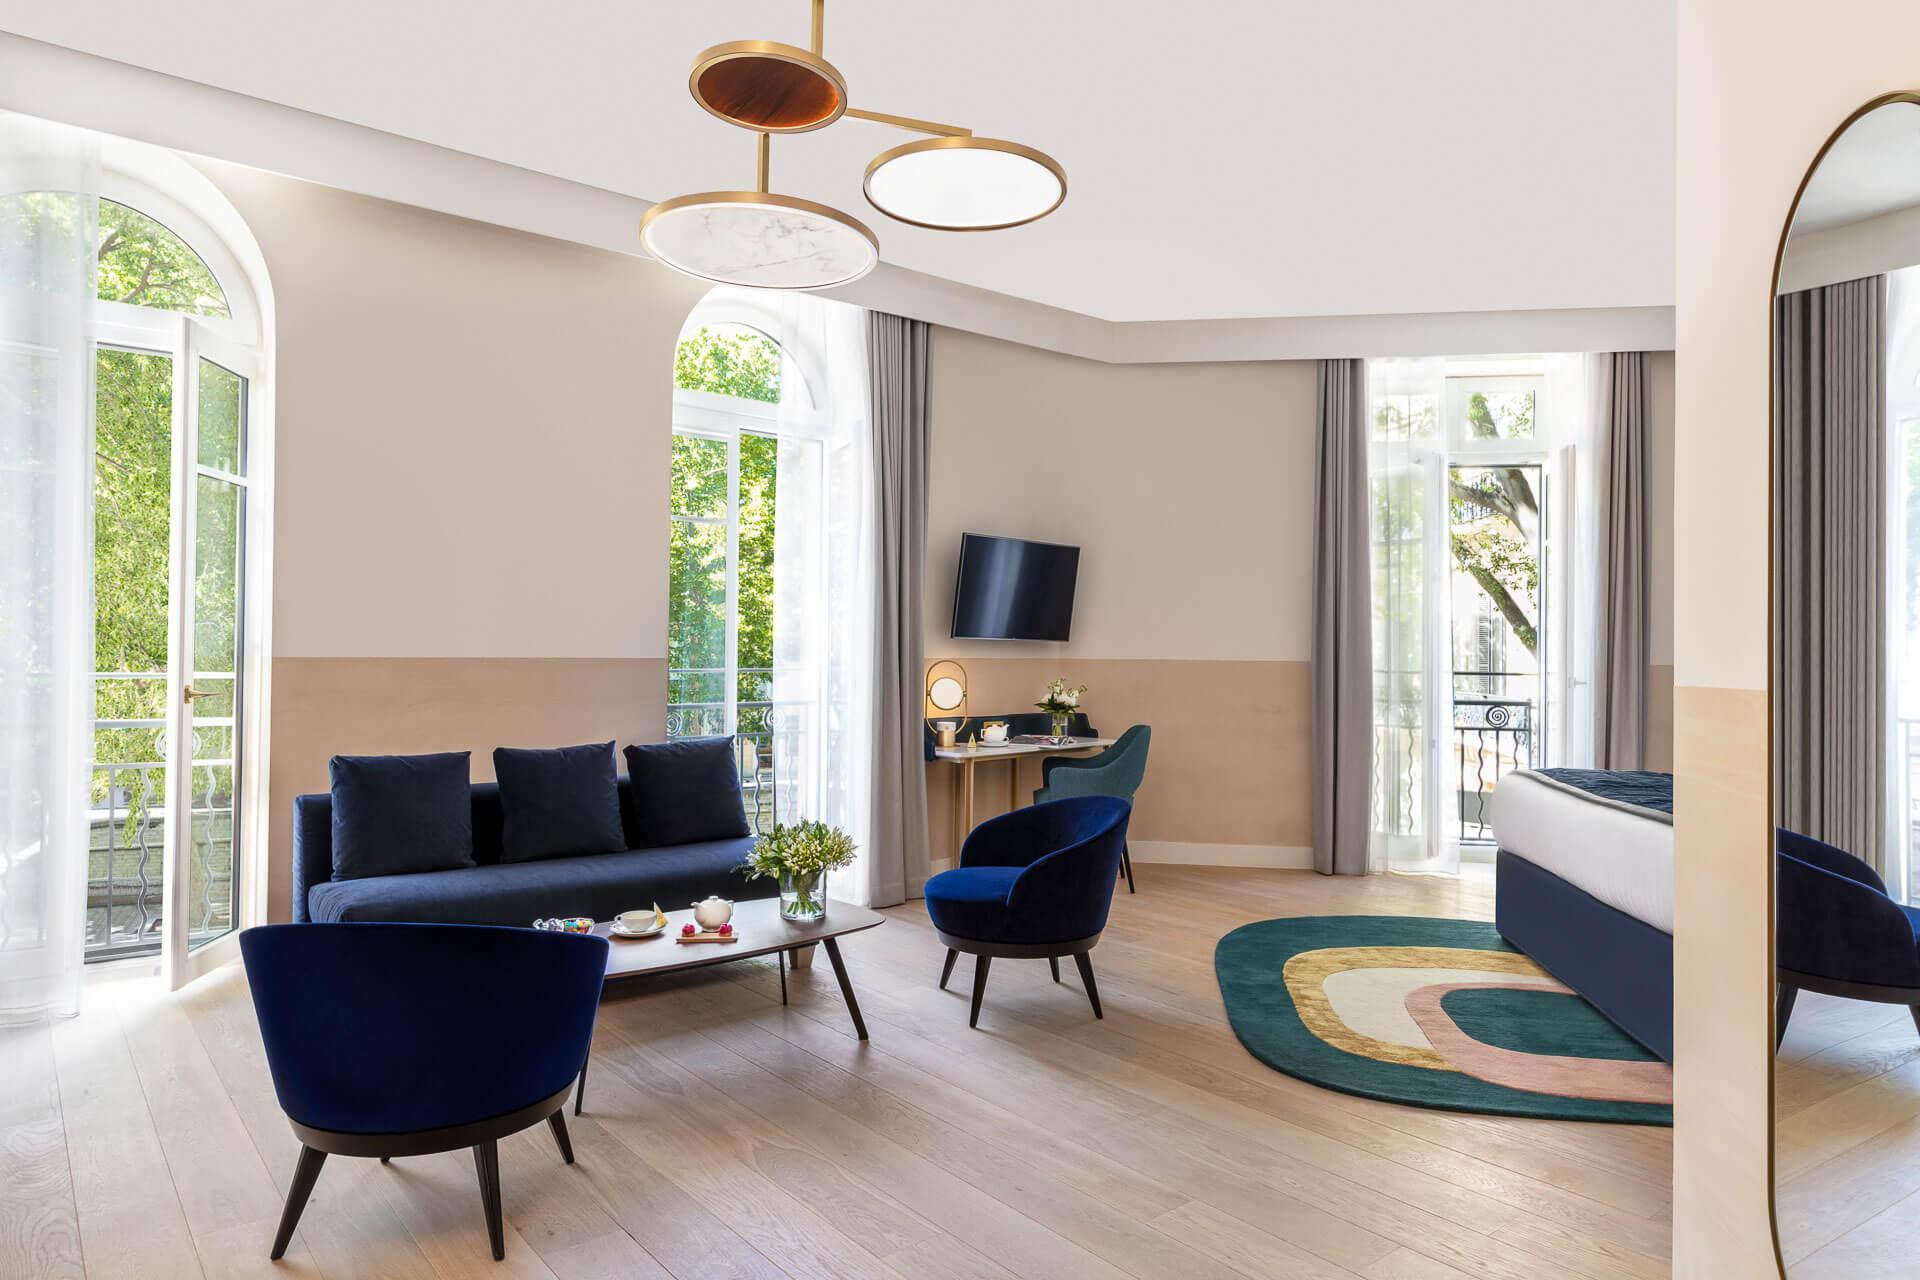 Maison Albar Hotels L'Imperator - la suite 101 © Stefan Kraus